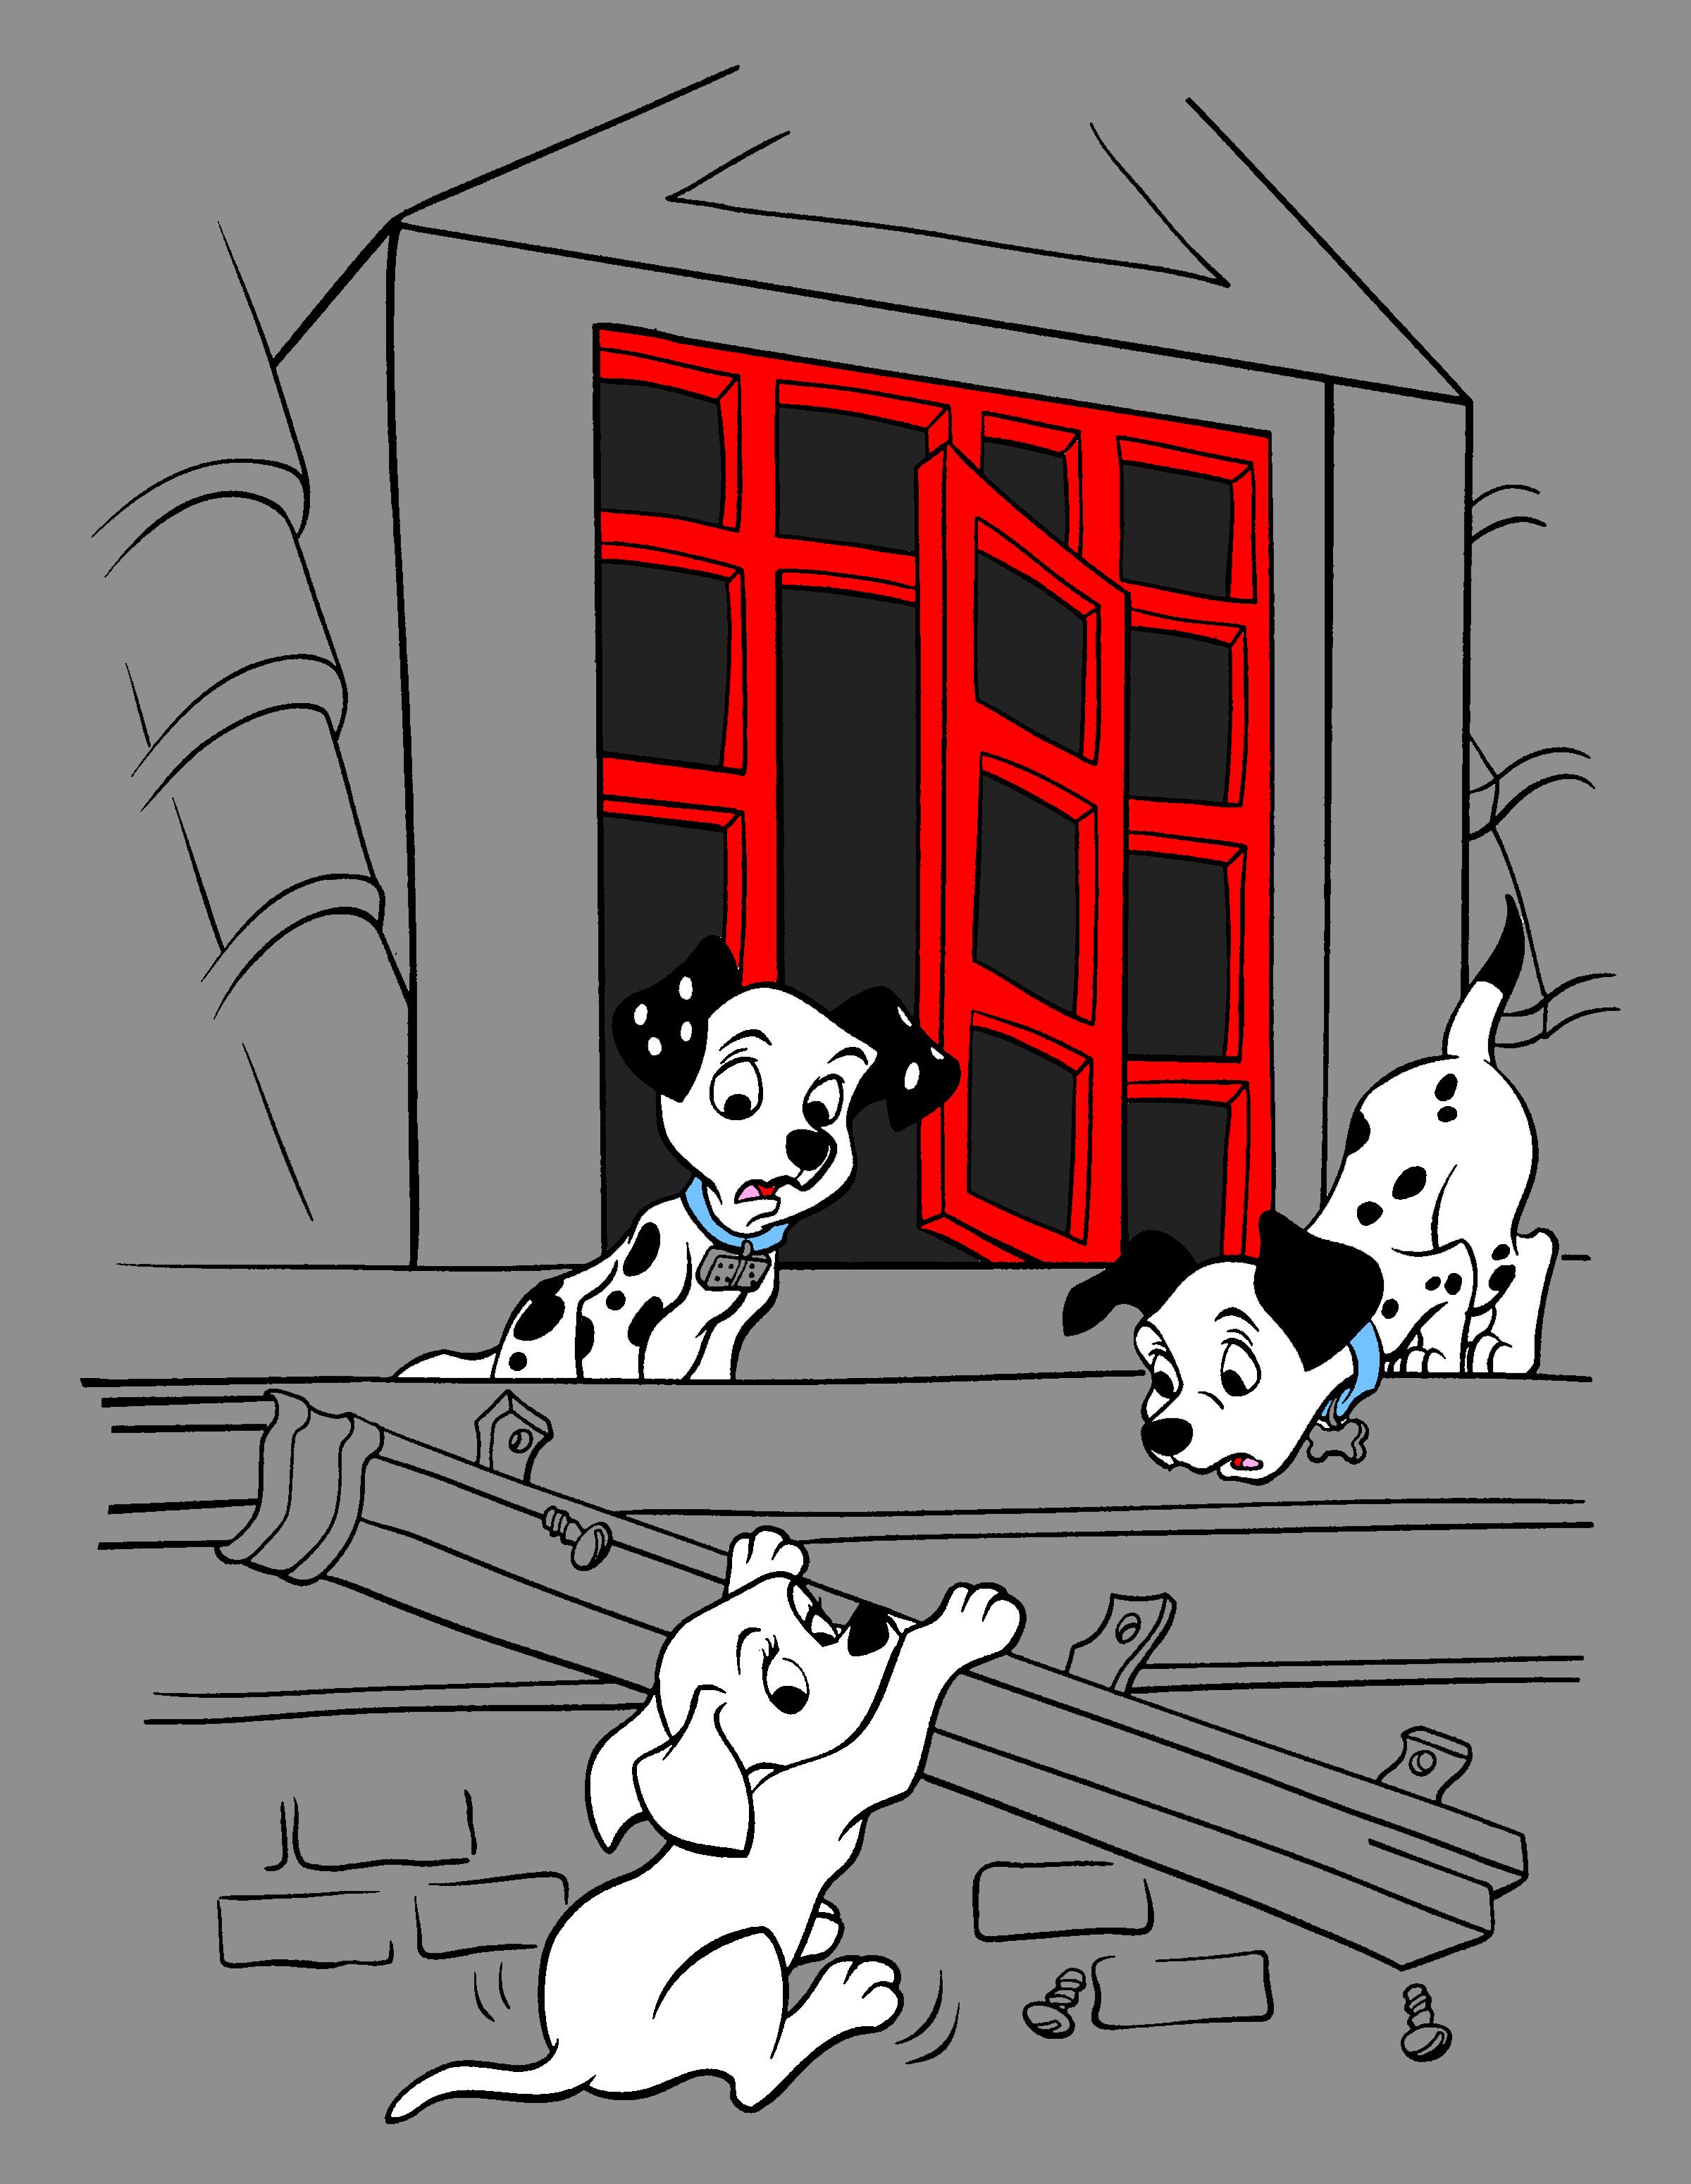 102 Dalmatians Coloring Pages 24